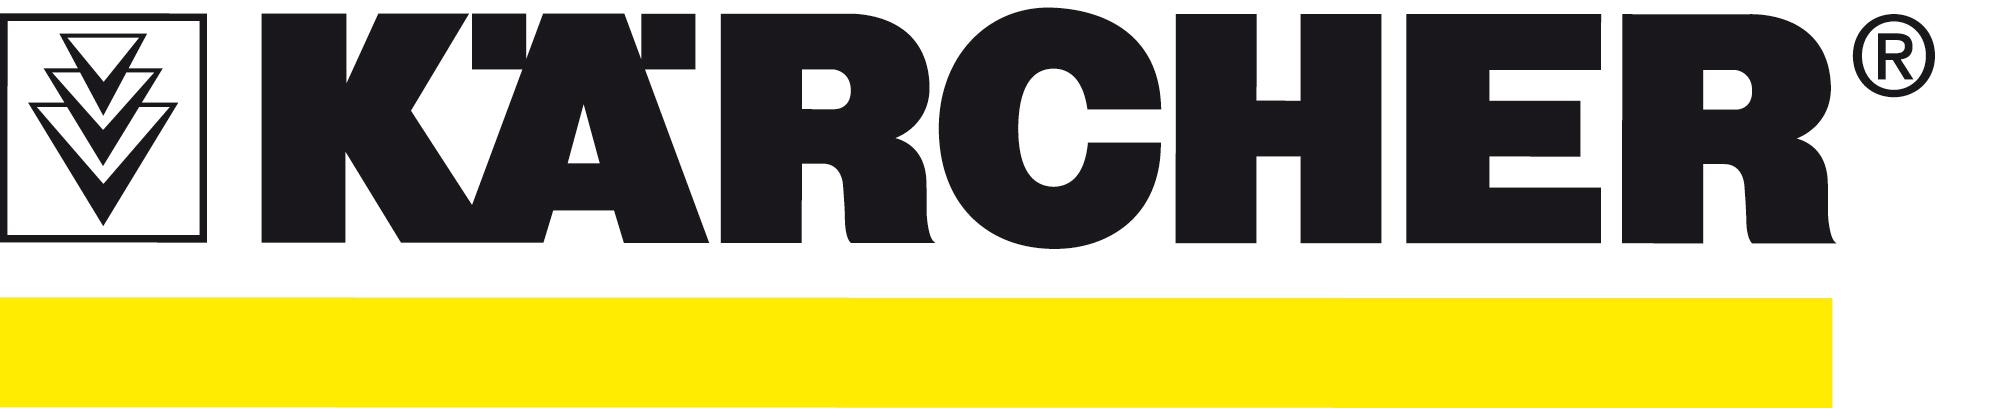 karcher-logo-farg.jpg